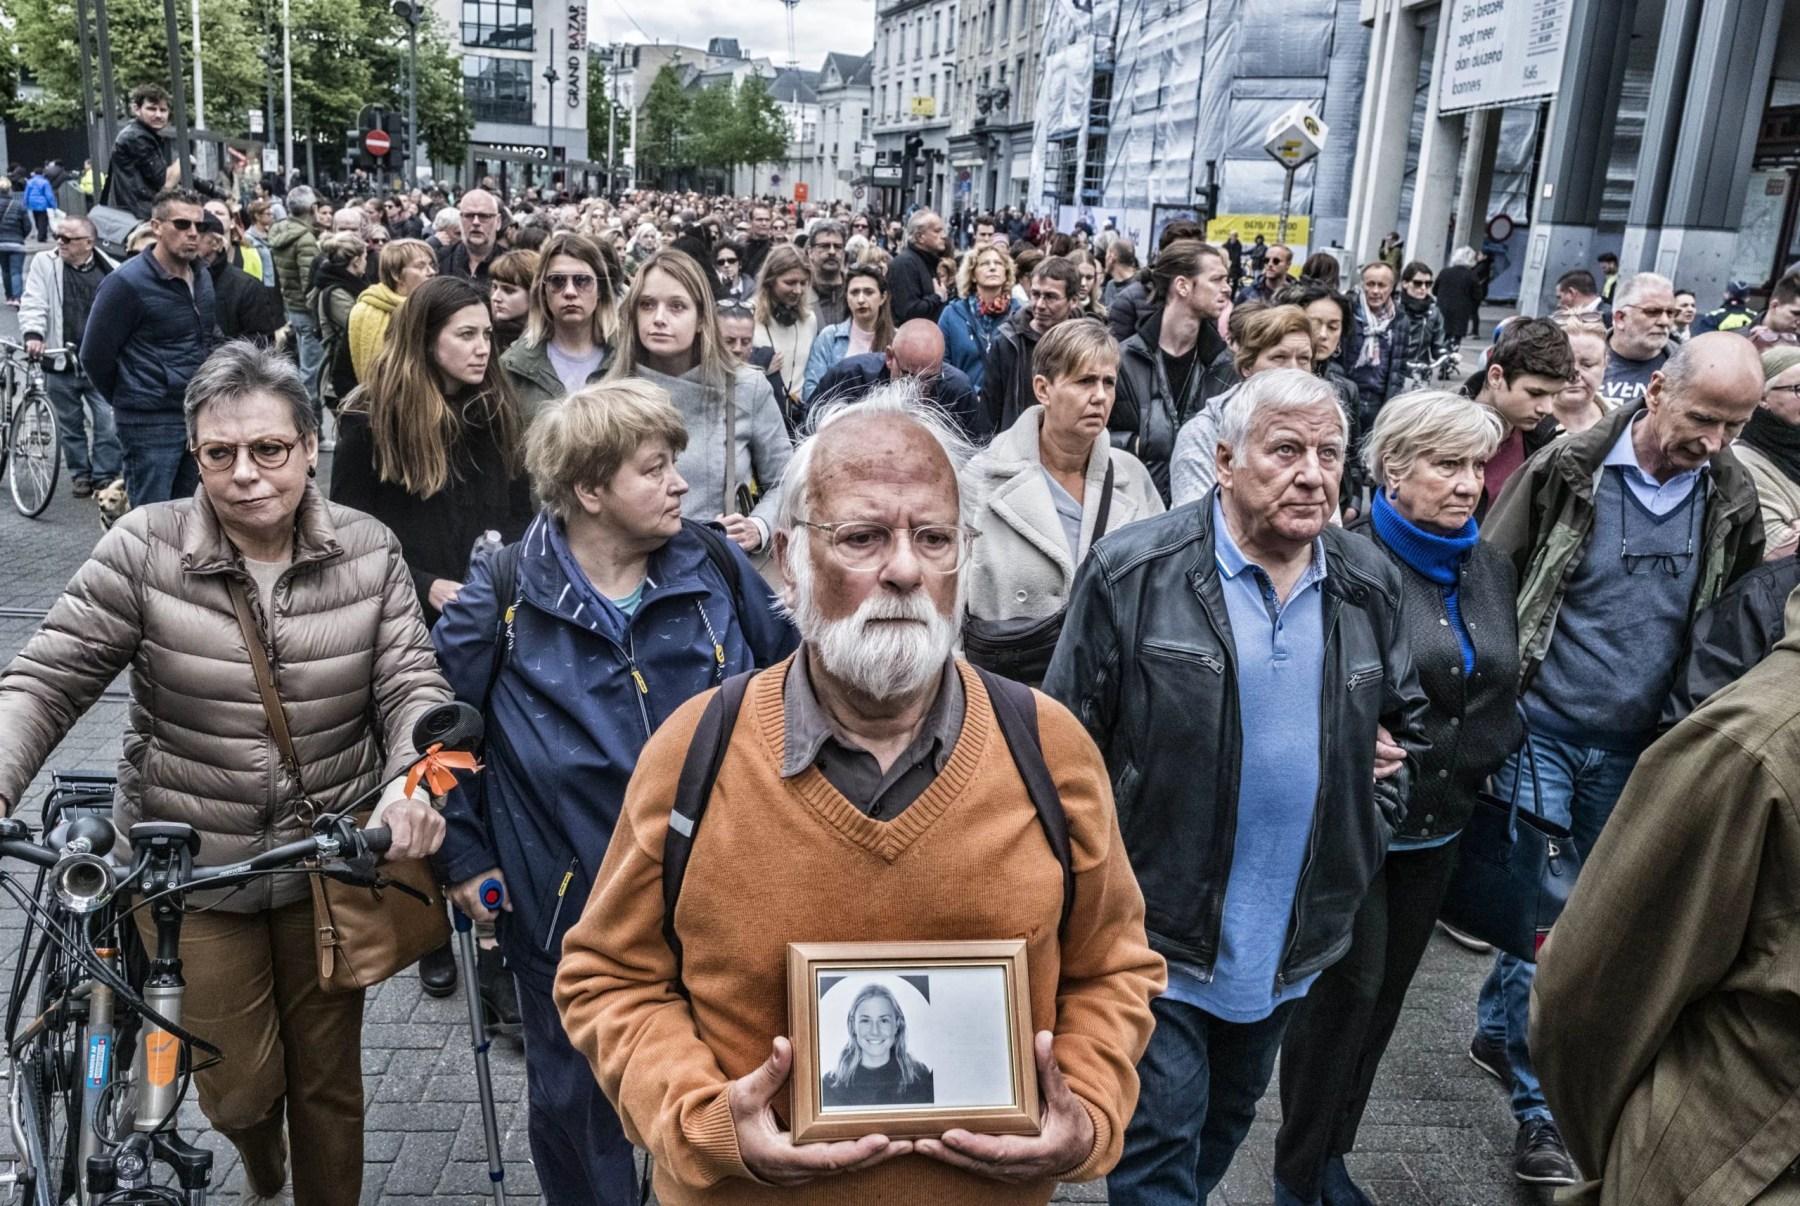 Un an après la mort de Julie Van Espen, la lutte contre les violences sexuelles se poursuit